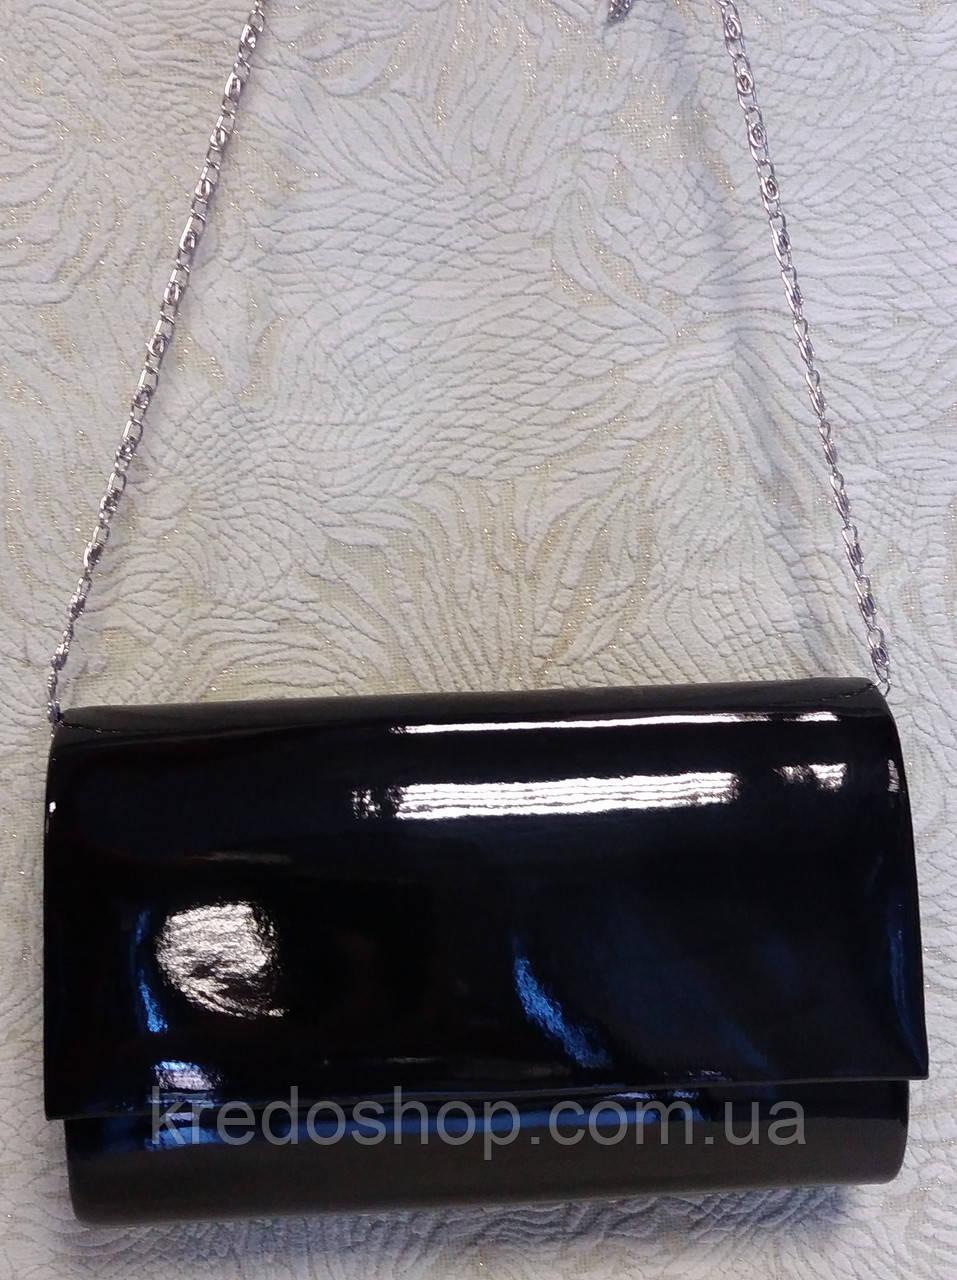 55f9a6b40afb Клатч женский вечерний черного цвета,лаковый.(Турция) - Интернет-магазин  сумок